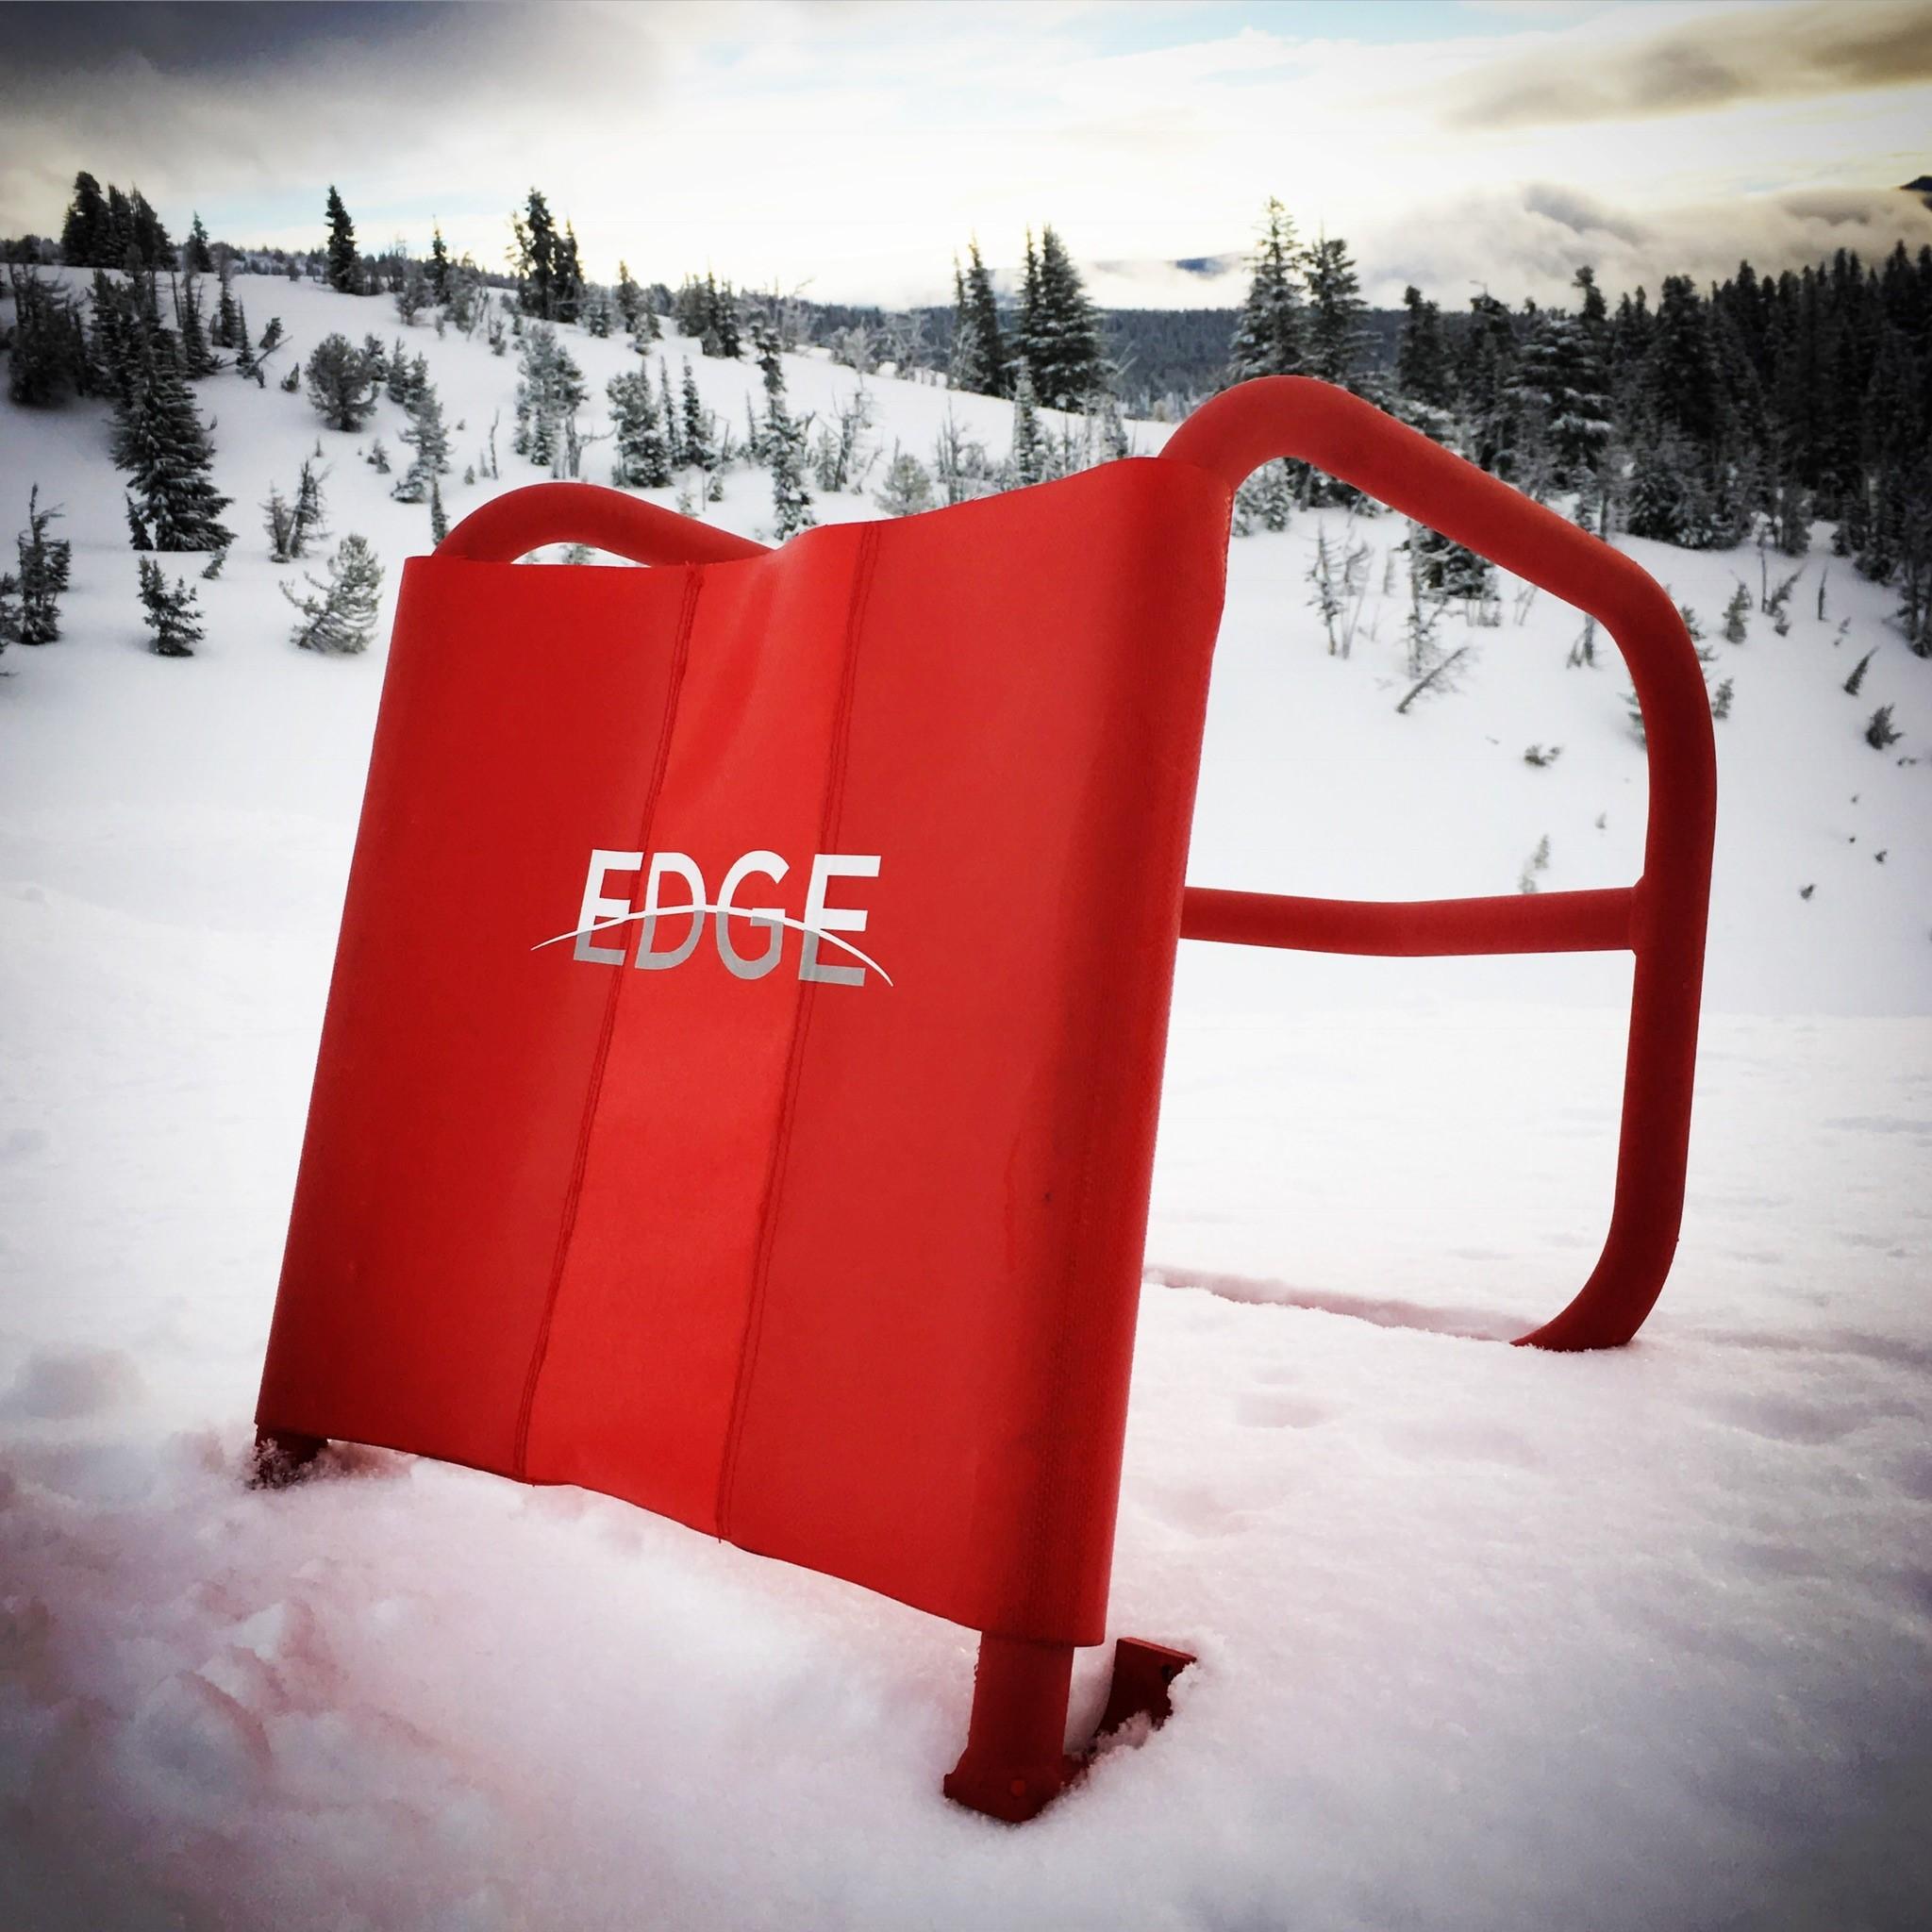 EDGE - Chair Loader    $175.00